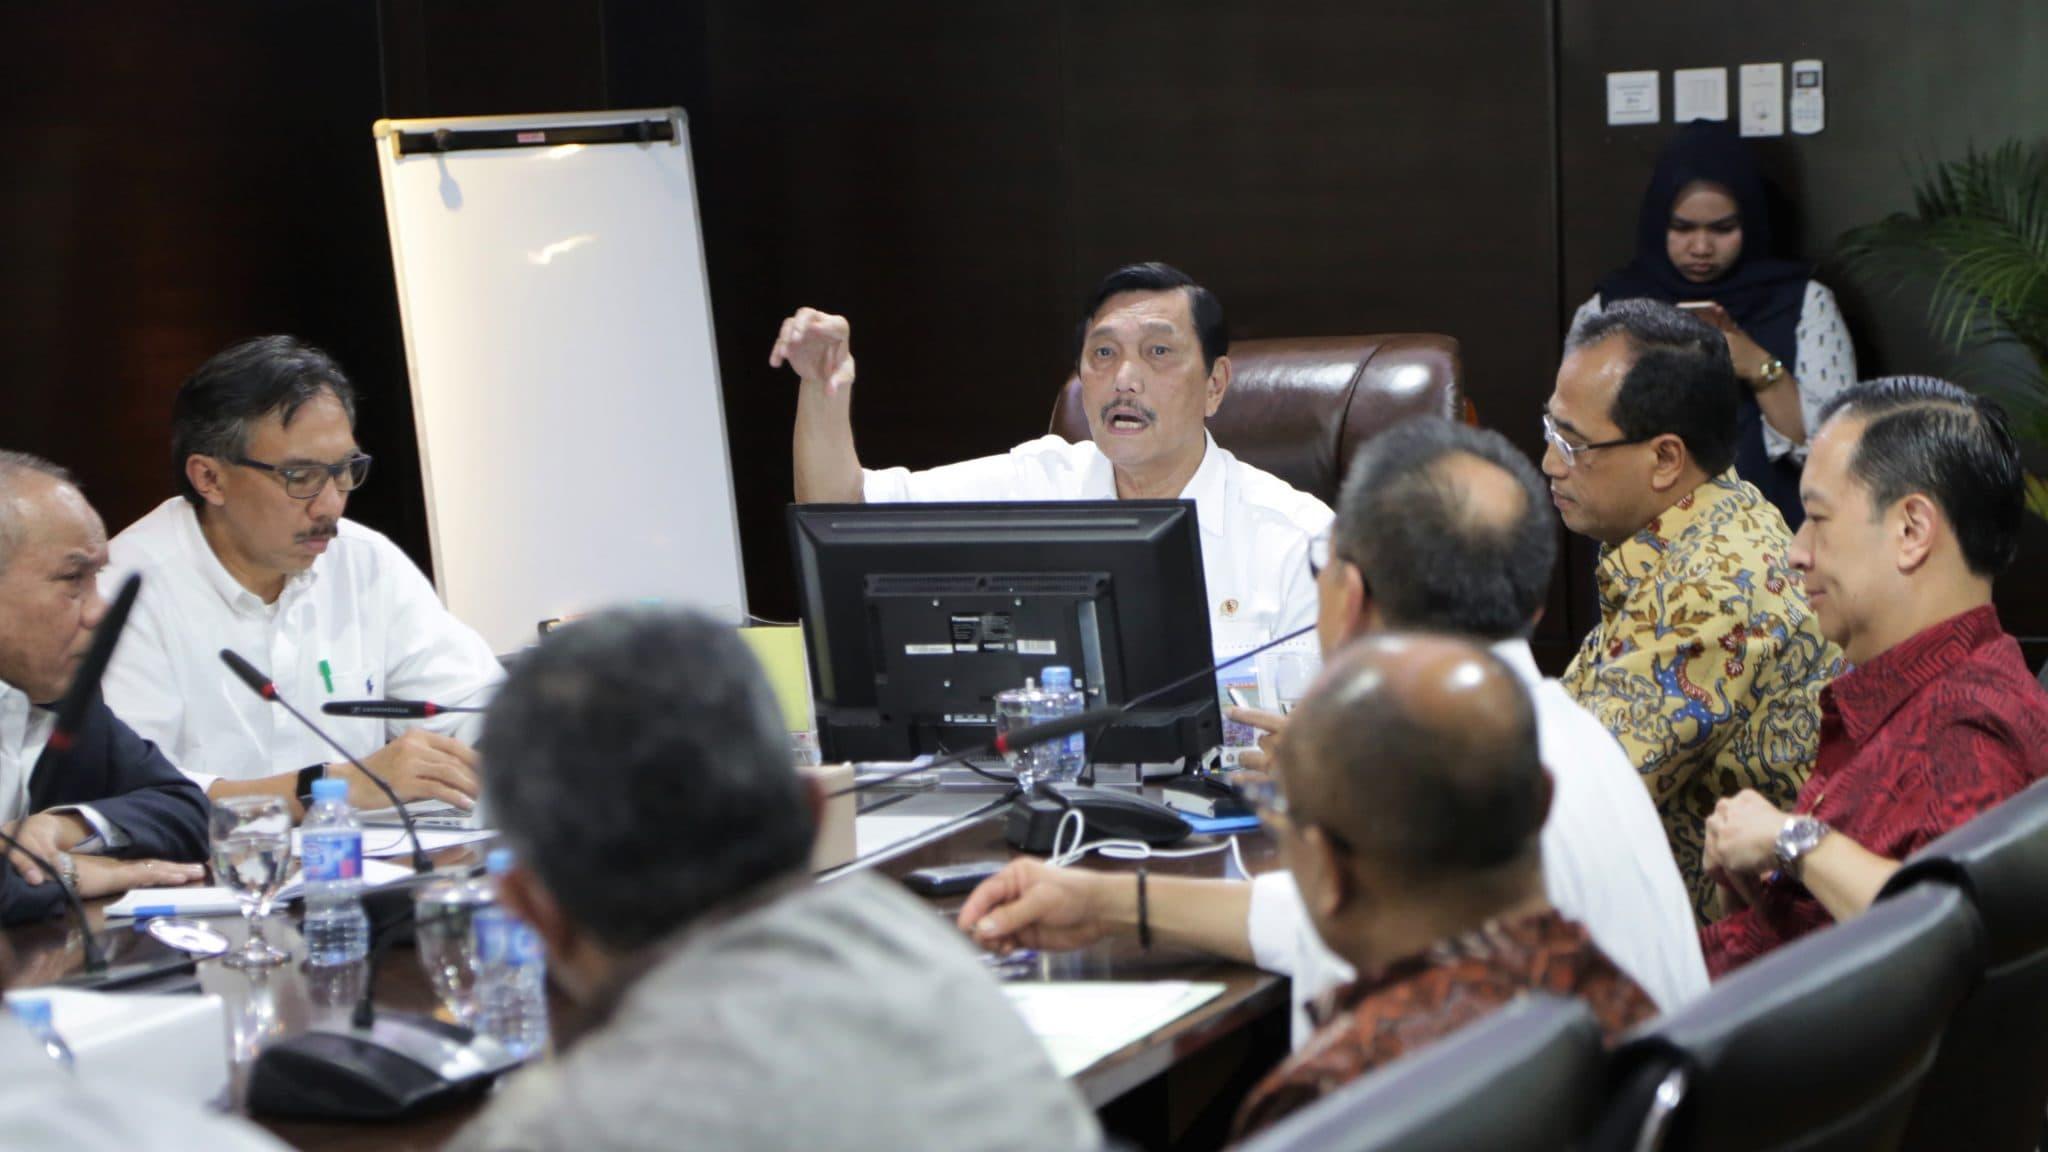 Menko Luhut Rapat Mengenai Penyelesaian Bandara Kertajati Bersama Wagub Jabar